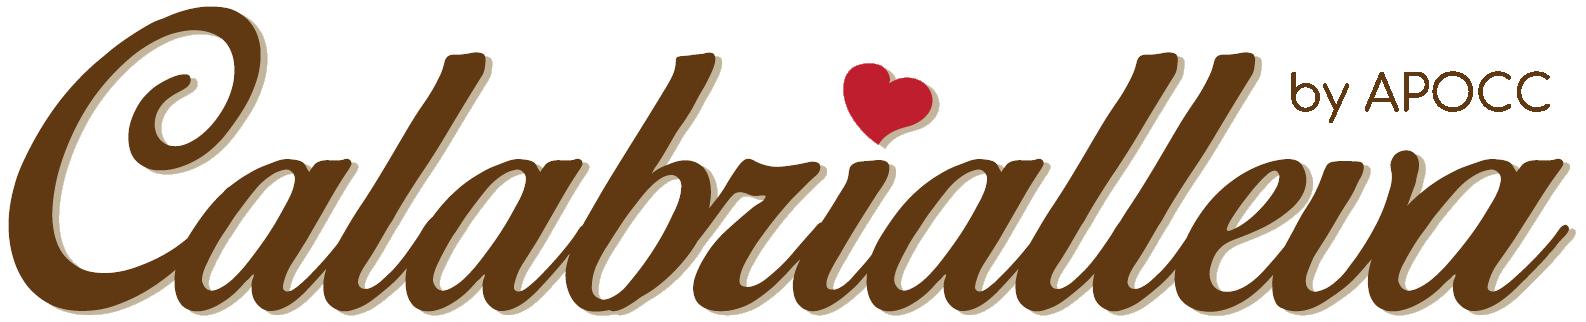 Calabrialleva - Ora come allora